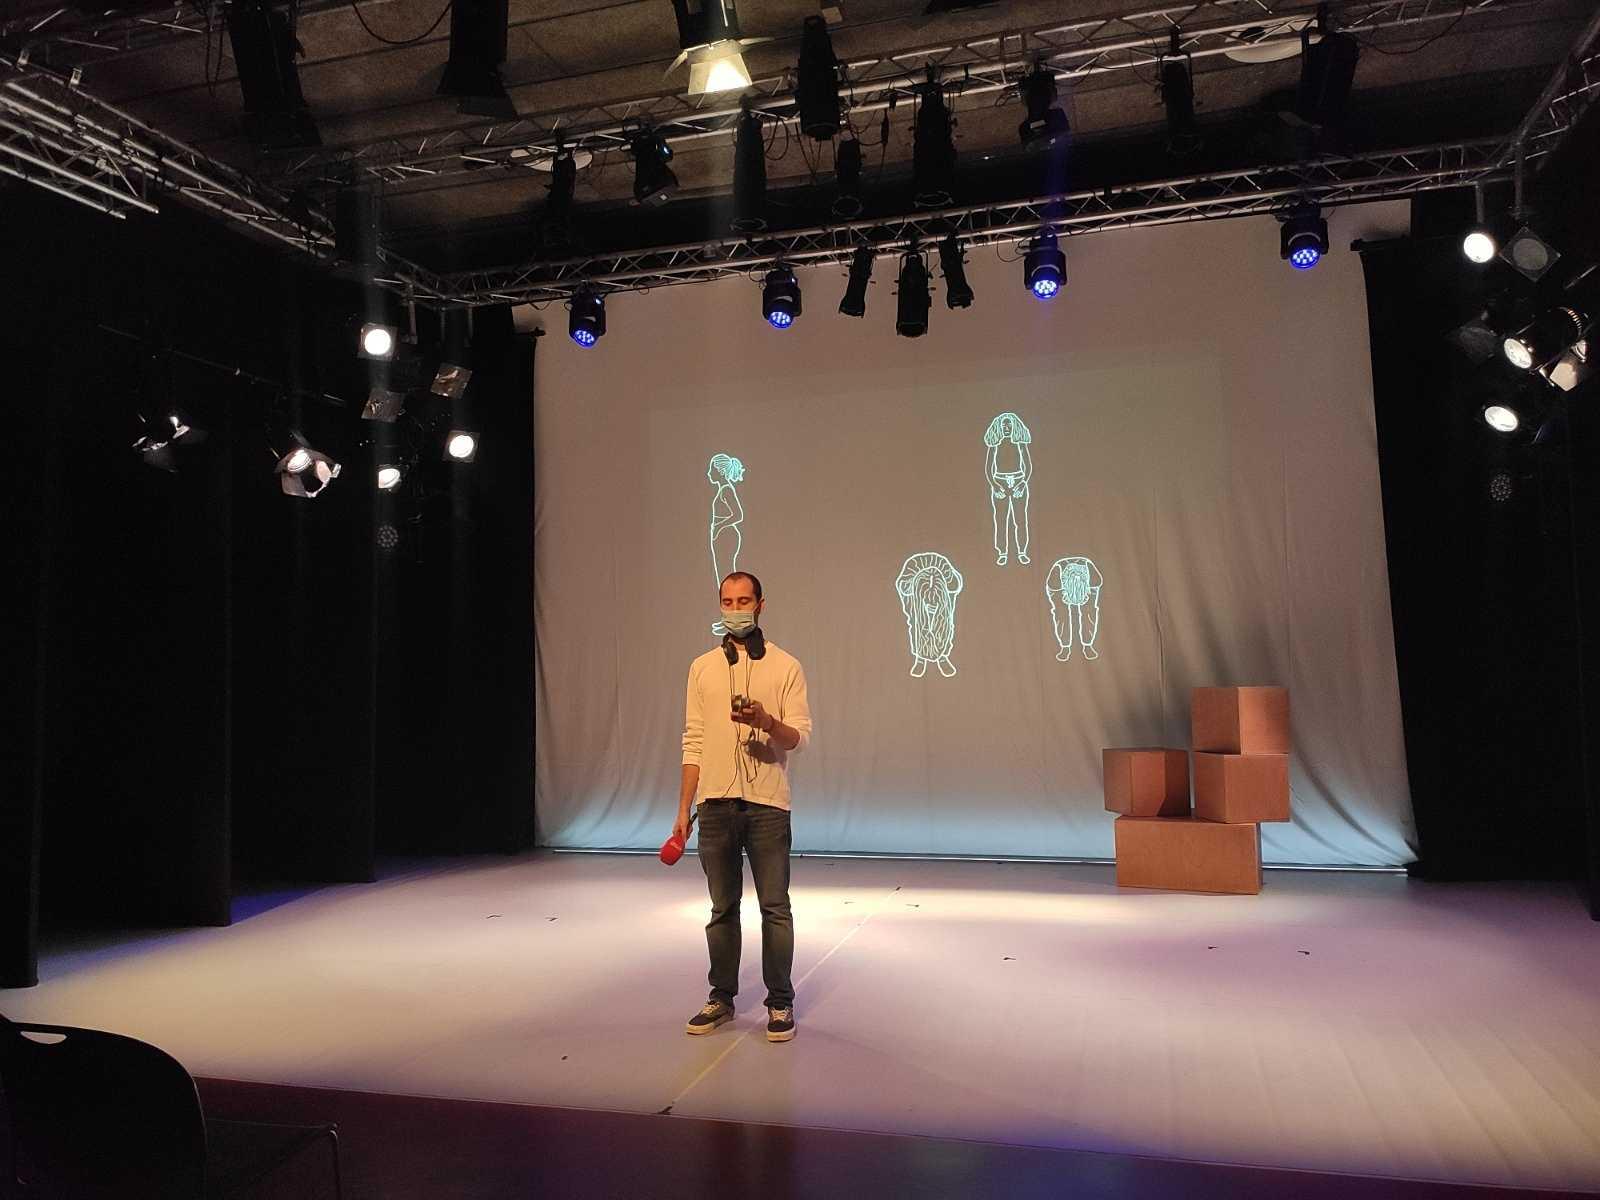 Recursos homínids - Un productor i regidor de performances en viu